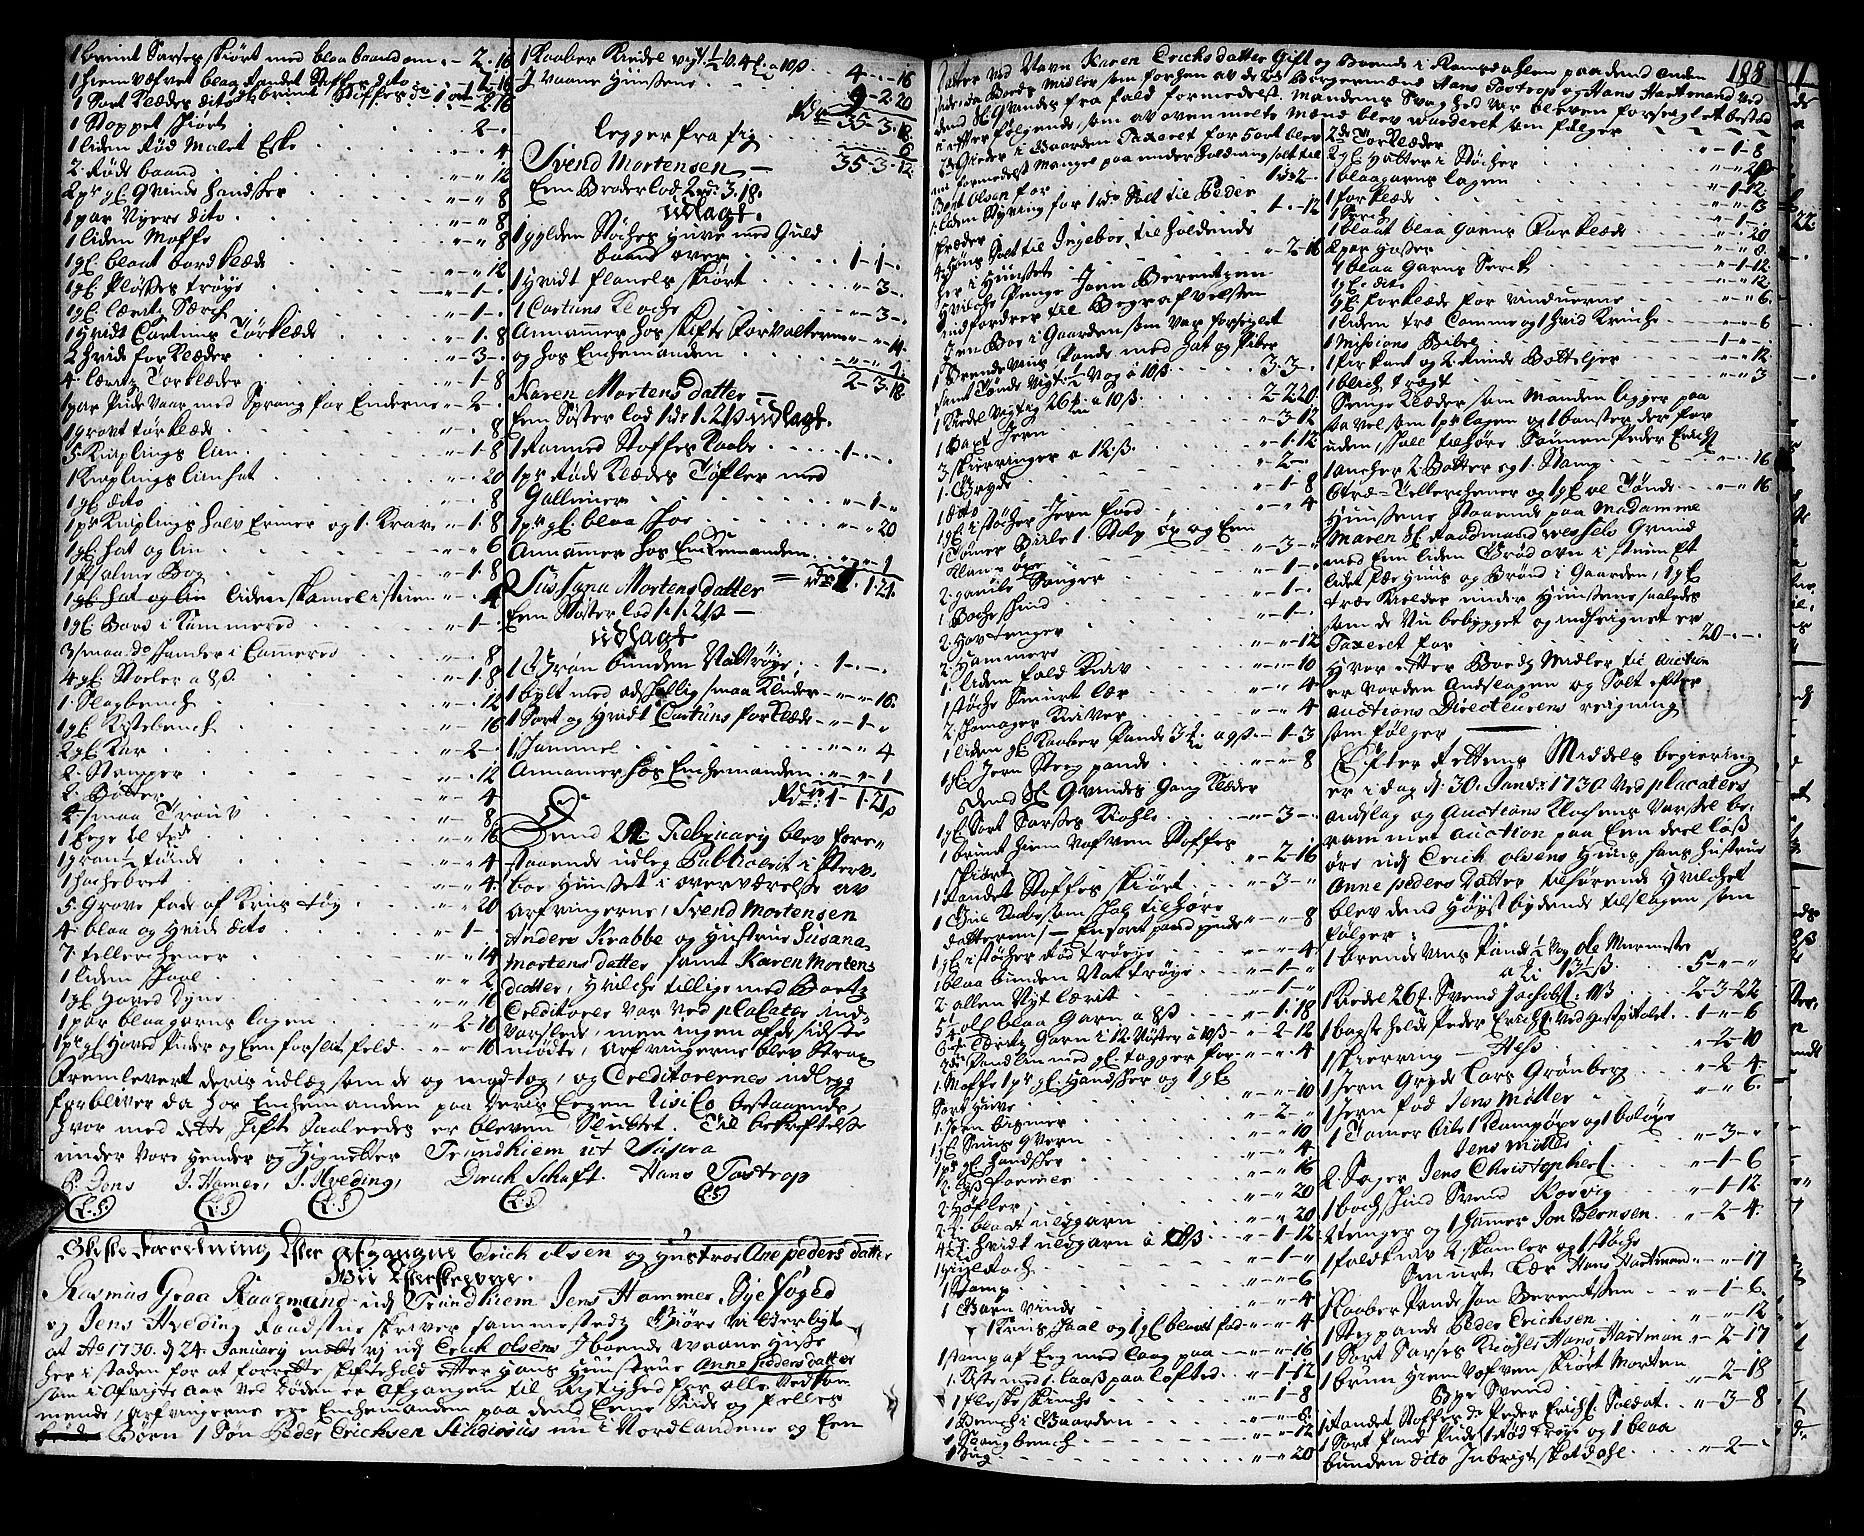 SAT, Trondheim byfogd, 3/3A/L0010: Skifteprotokoll - gml.nr.10. (m/ register) U, 1725-1733, s. 187b-188a